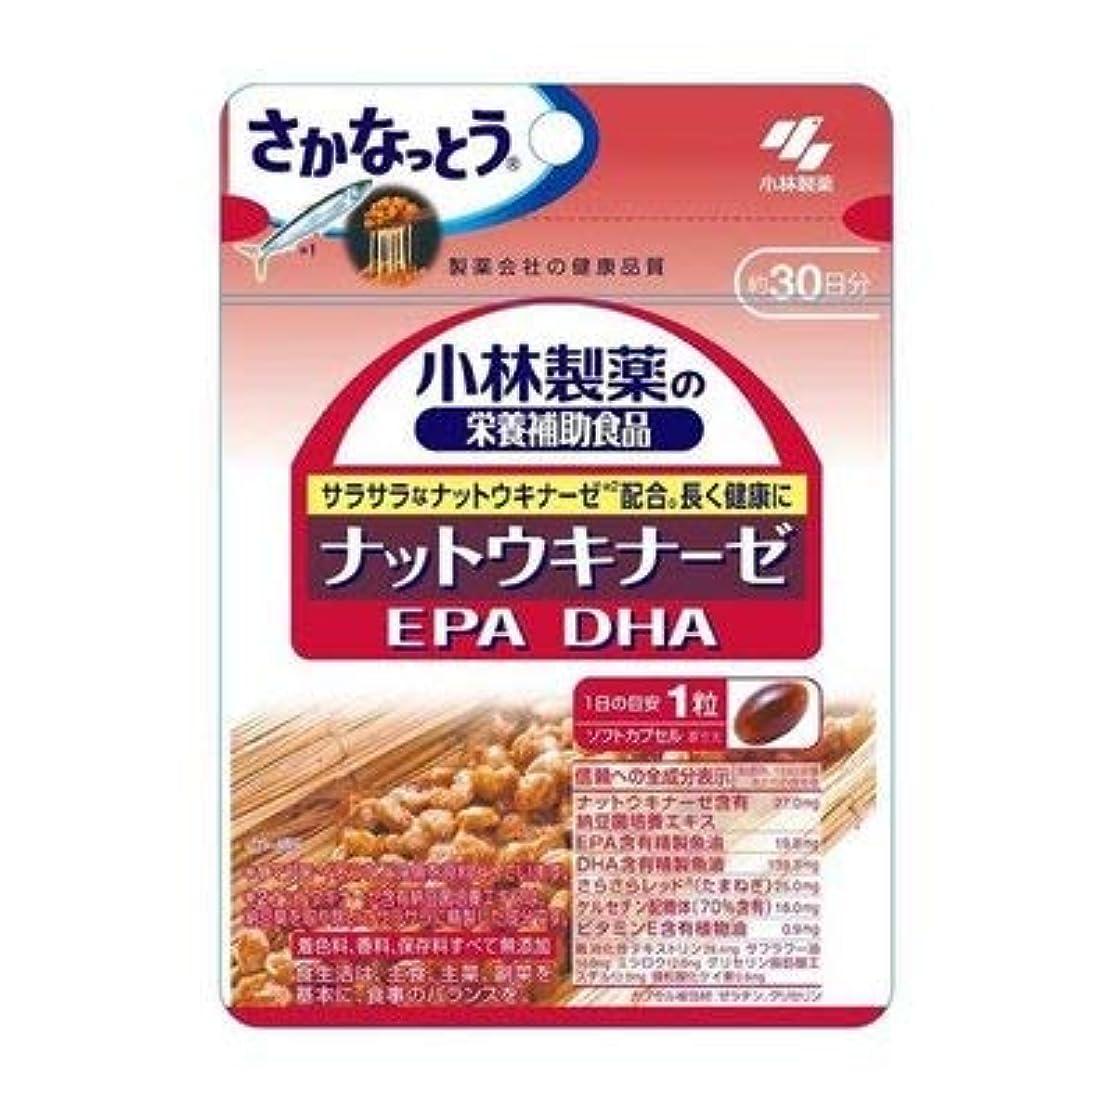 鉄ゴミ箱を空にする飛行機小林製薬 小林製薬の栄養補助食品ナットウキナーゼ?DHA?EPA30粒×5袋